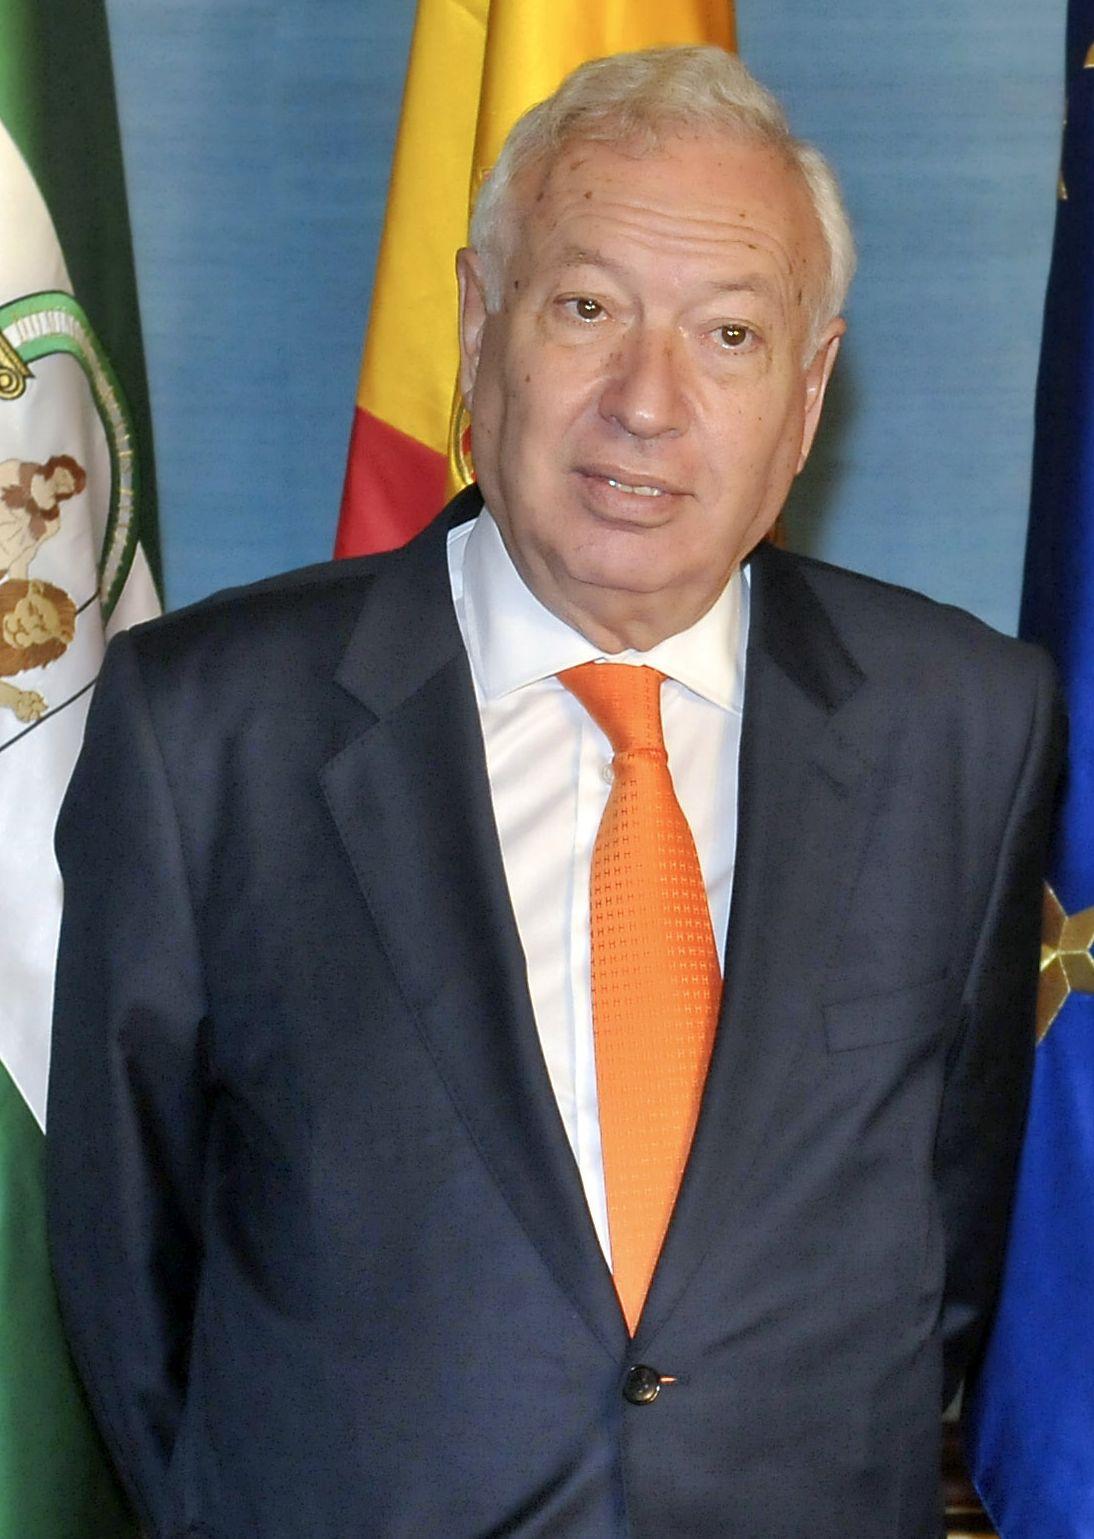 Carta al Sr José Manuel García-Margallo, ministre d'Afers Exteriors i Cooperació